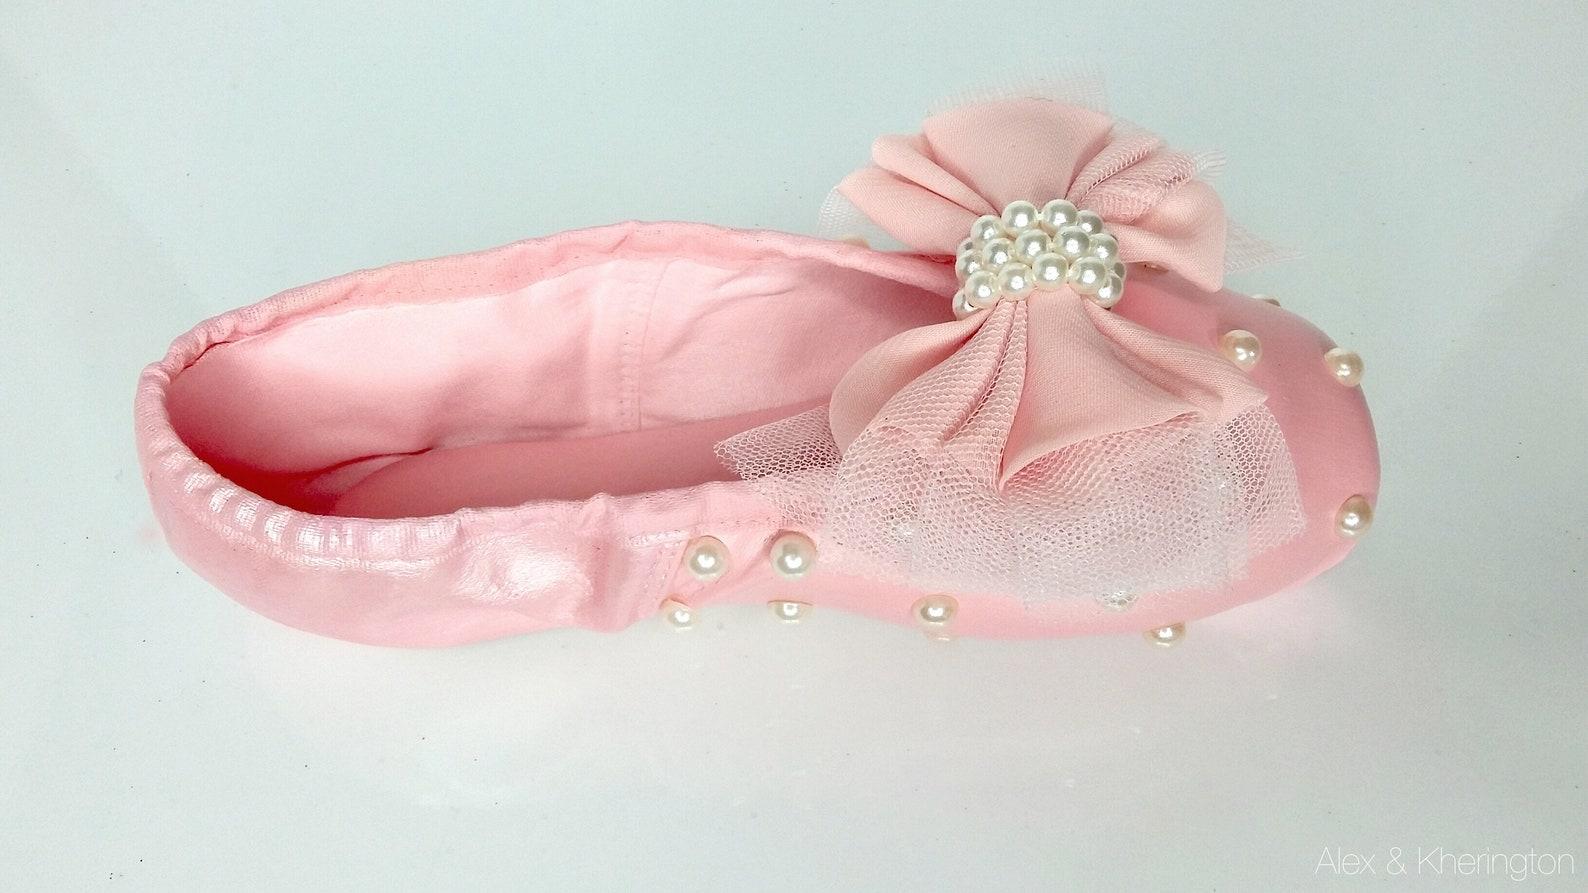 alex & kherington ballet shoe design, pointe shoes, ballet shoes